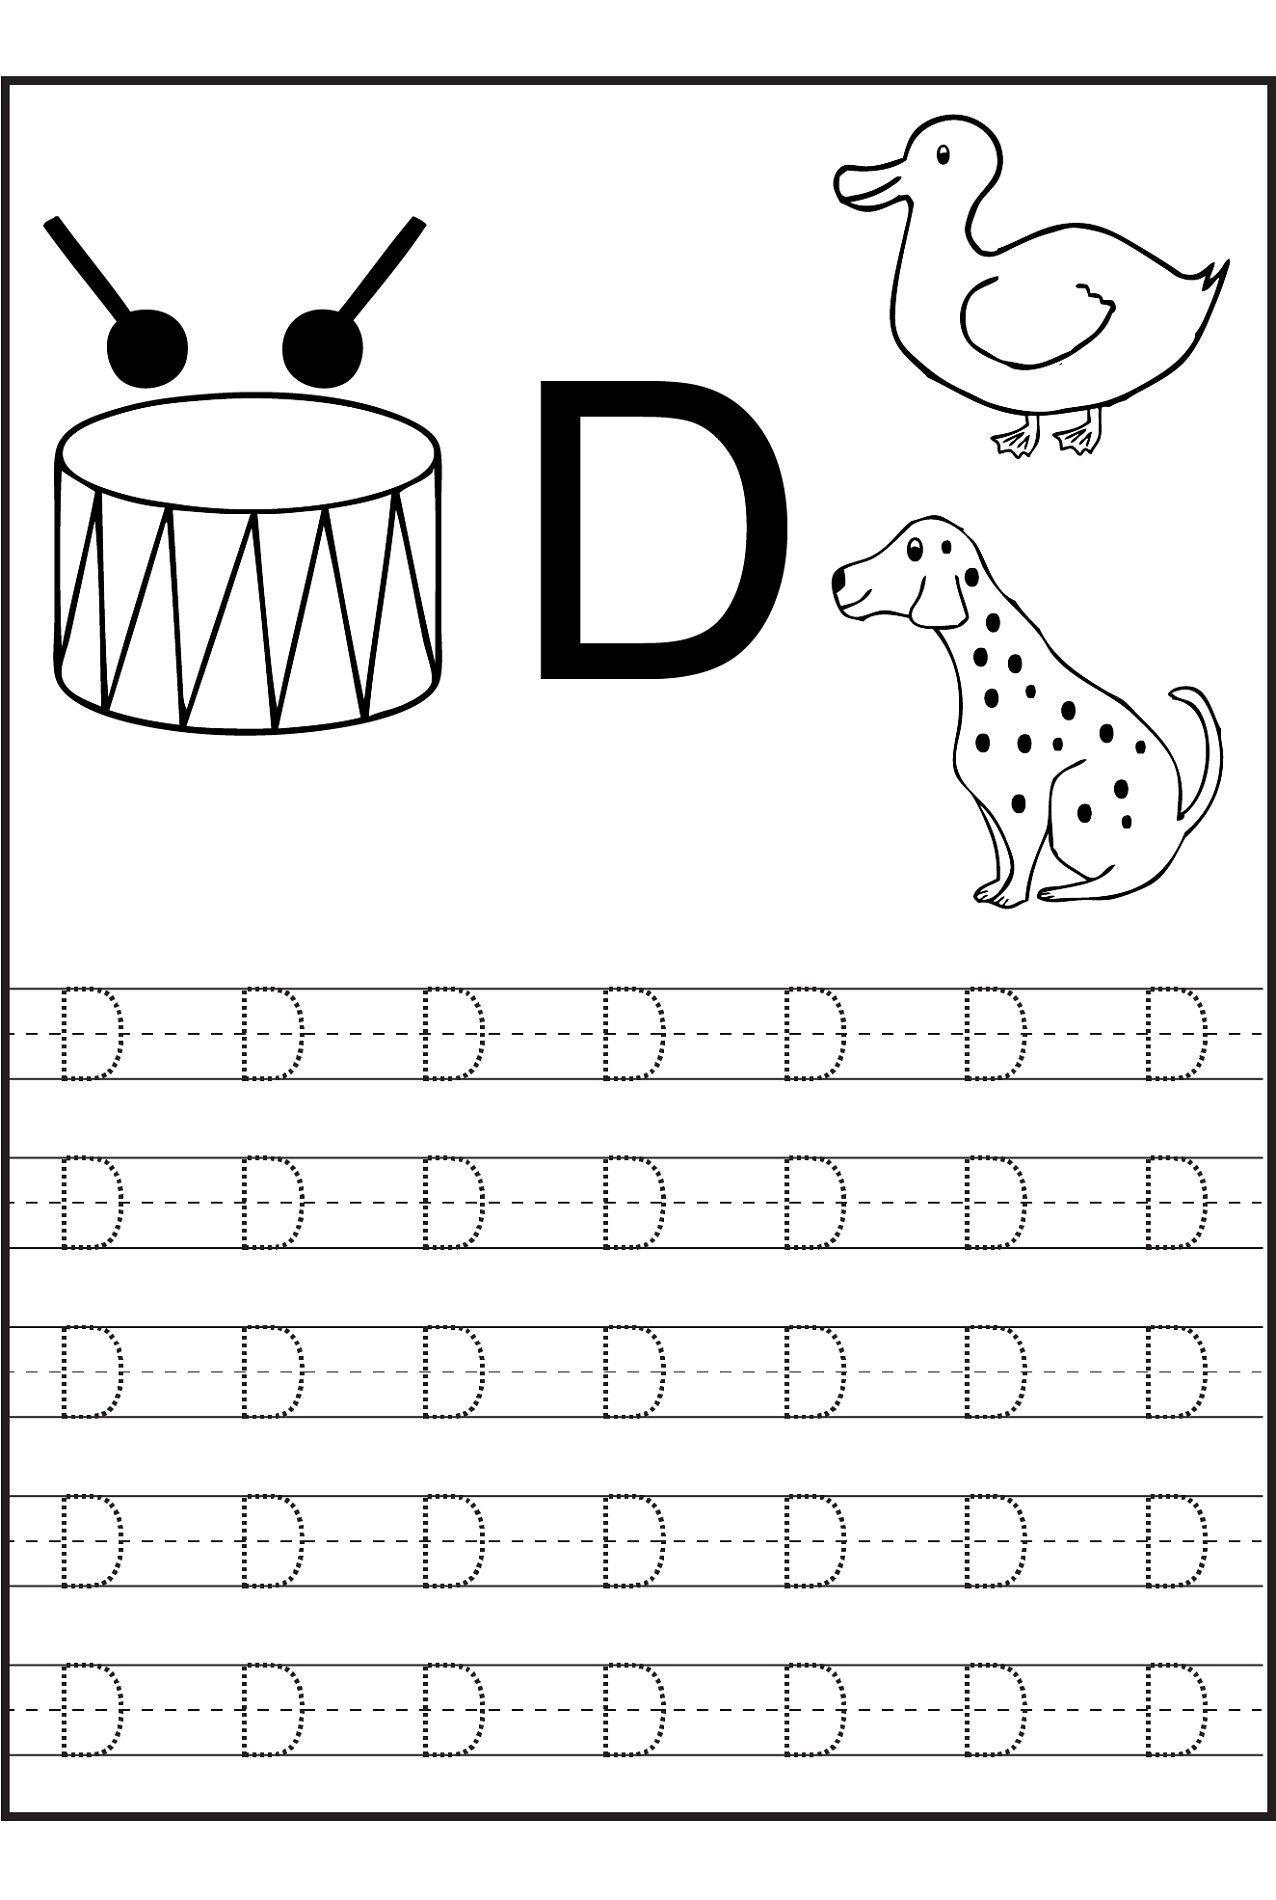 3 Printable Letter J Worksheets Animal 4 Worksheet